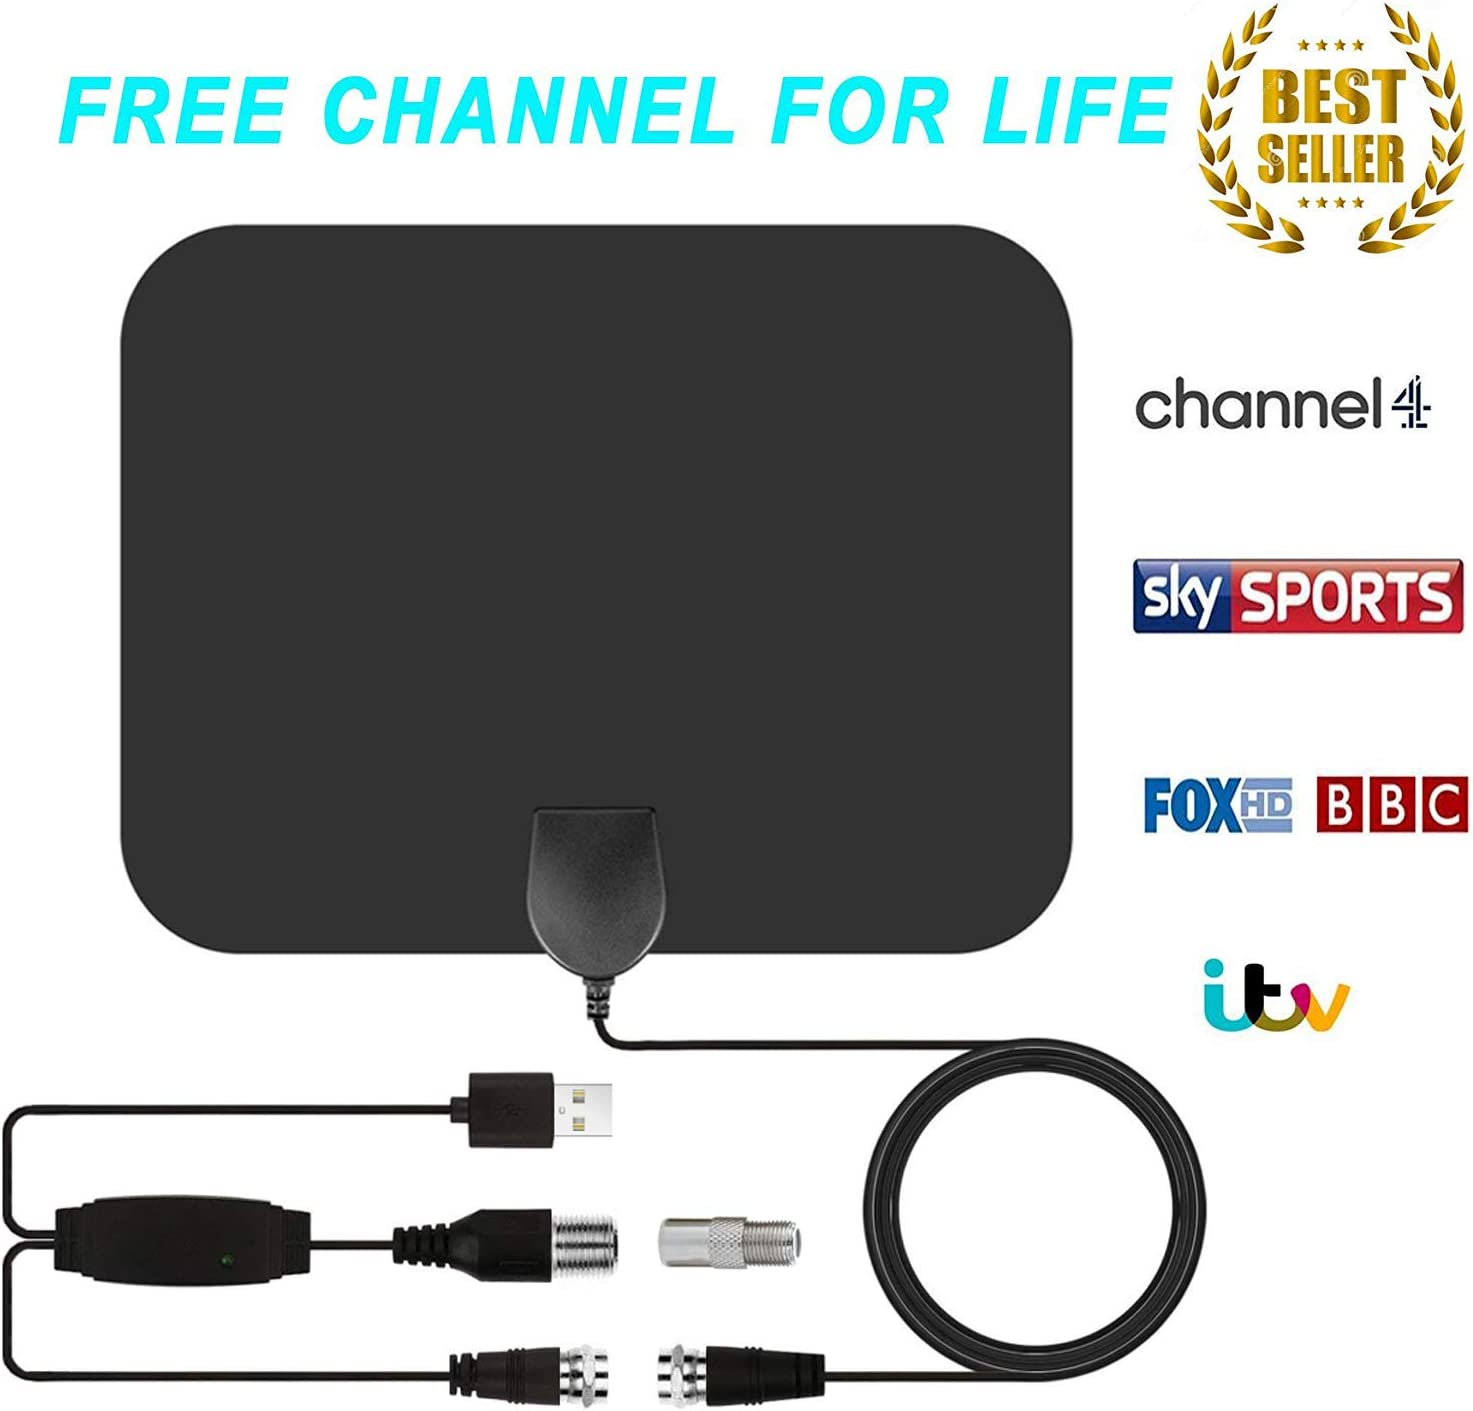 TV Antena, Antena de TV Digital de Interior HD con 80 Millas Largo Alcance Amplificador de señal Amplificador HDTV Upgraded version-10ft Cable Coaxial